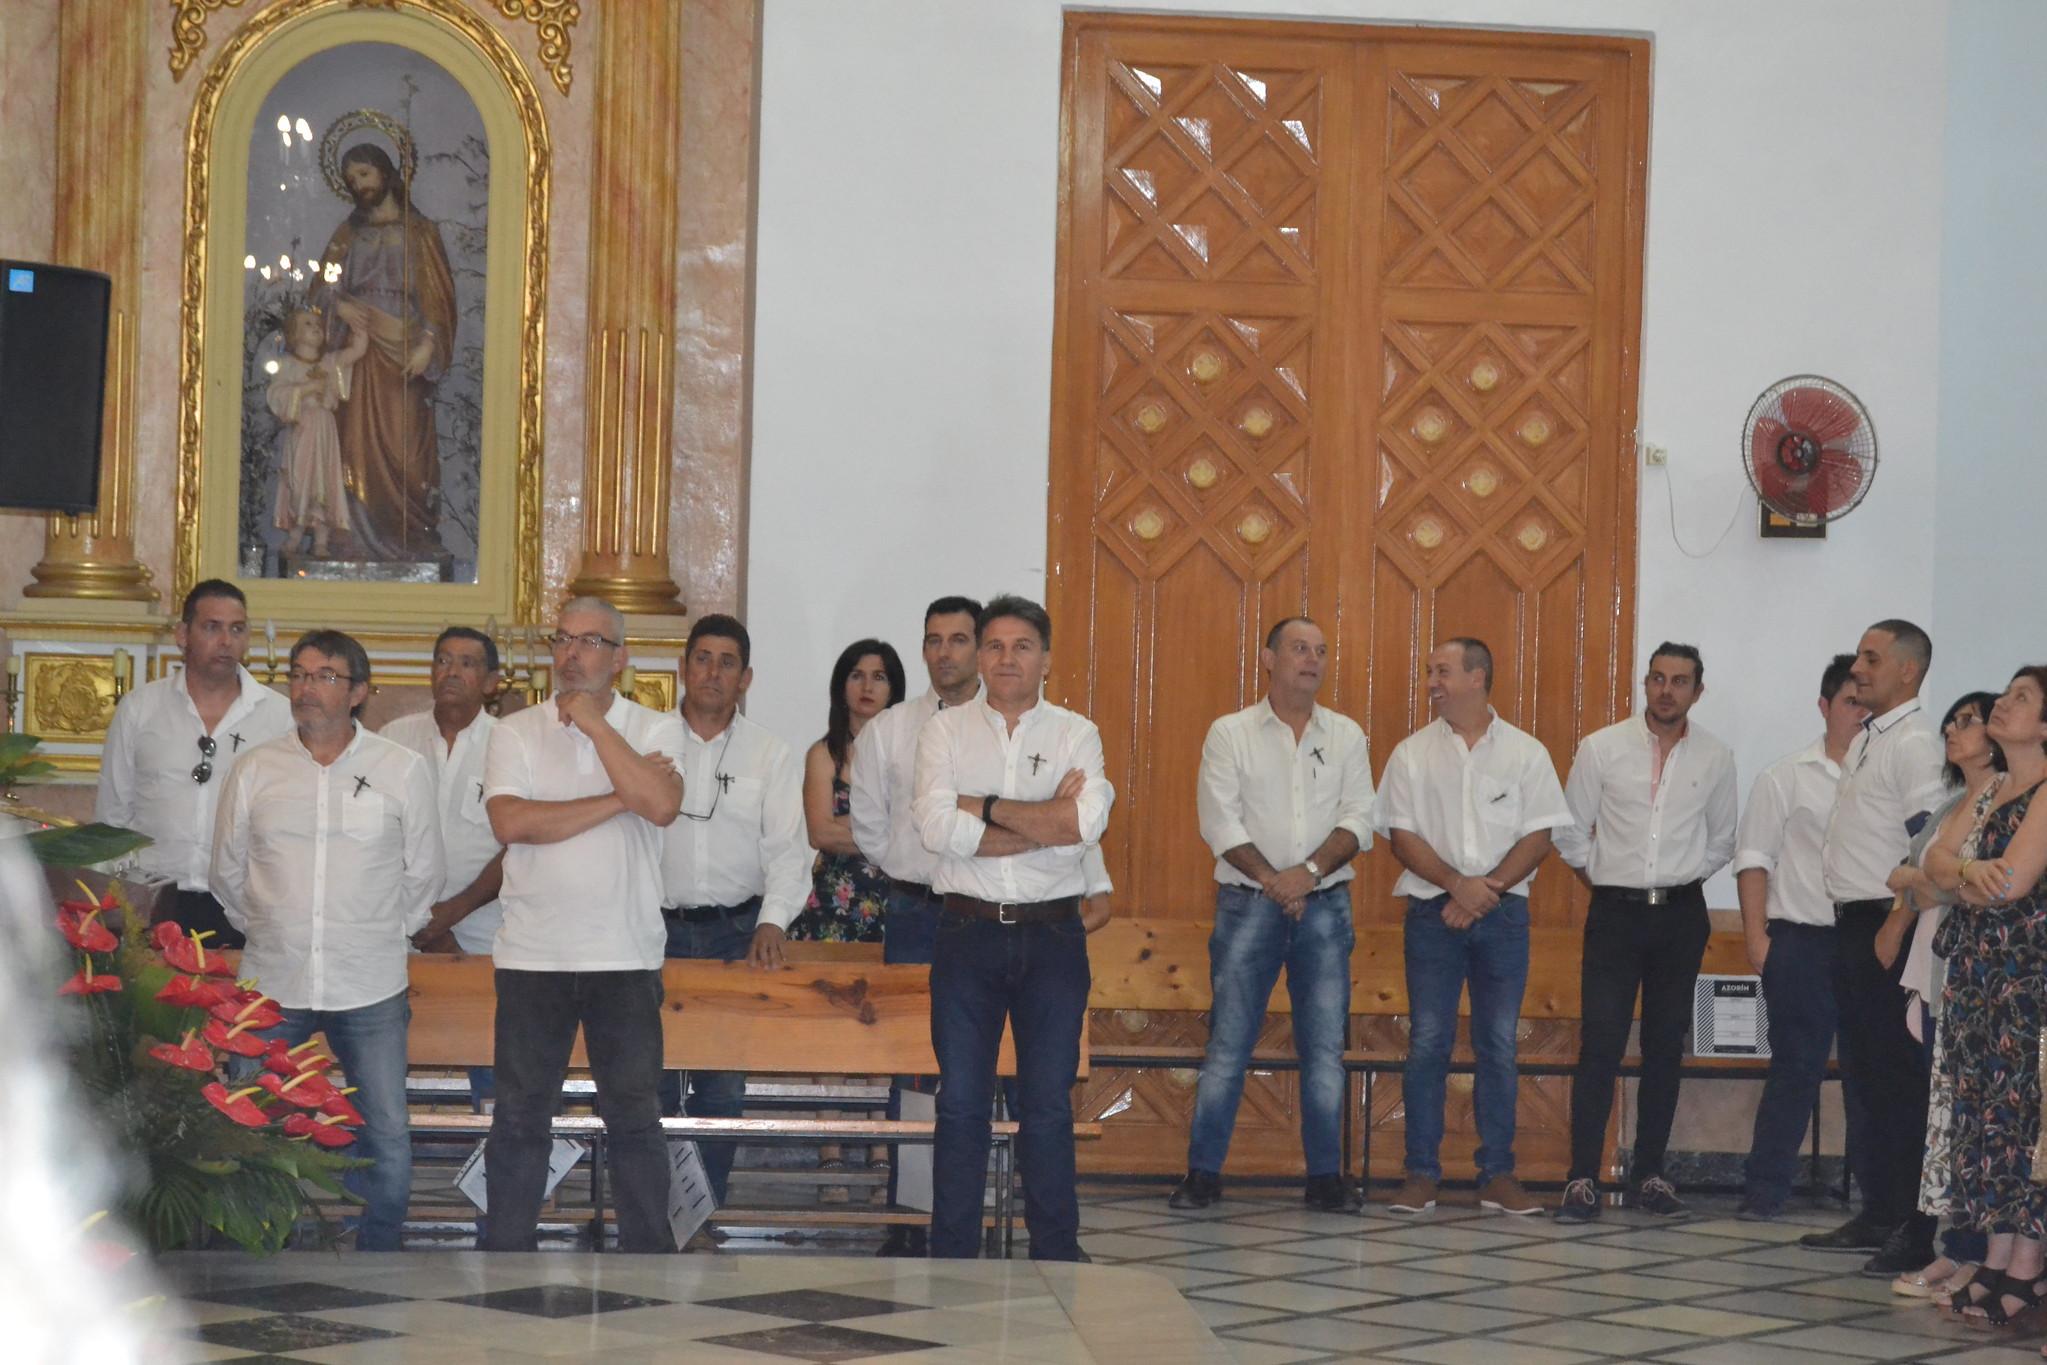 (2019-07-07) Procesión de subida - José Emilio Albujer Lax (03)